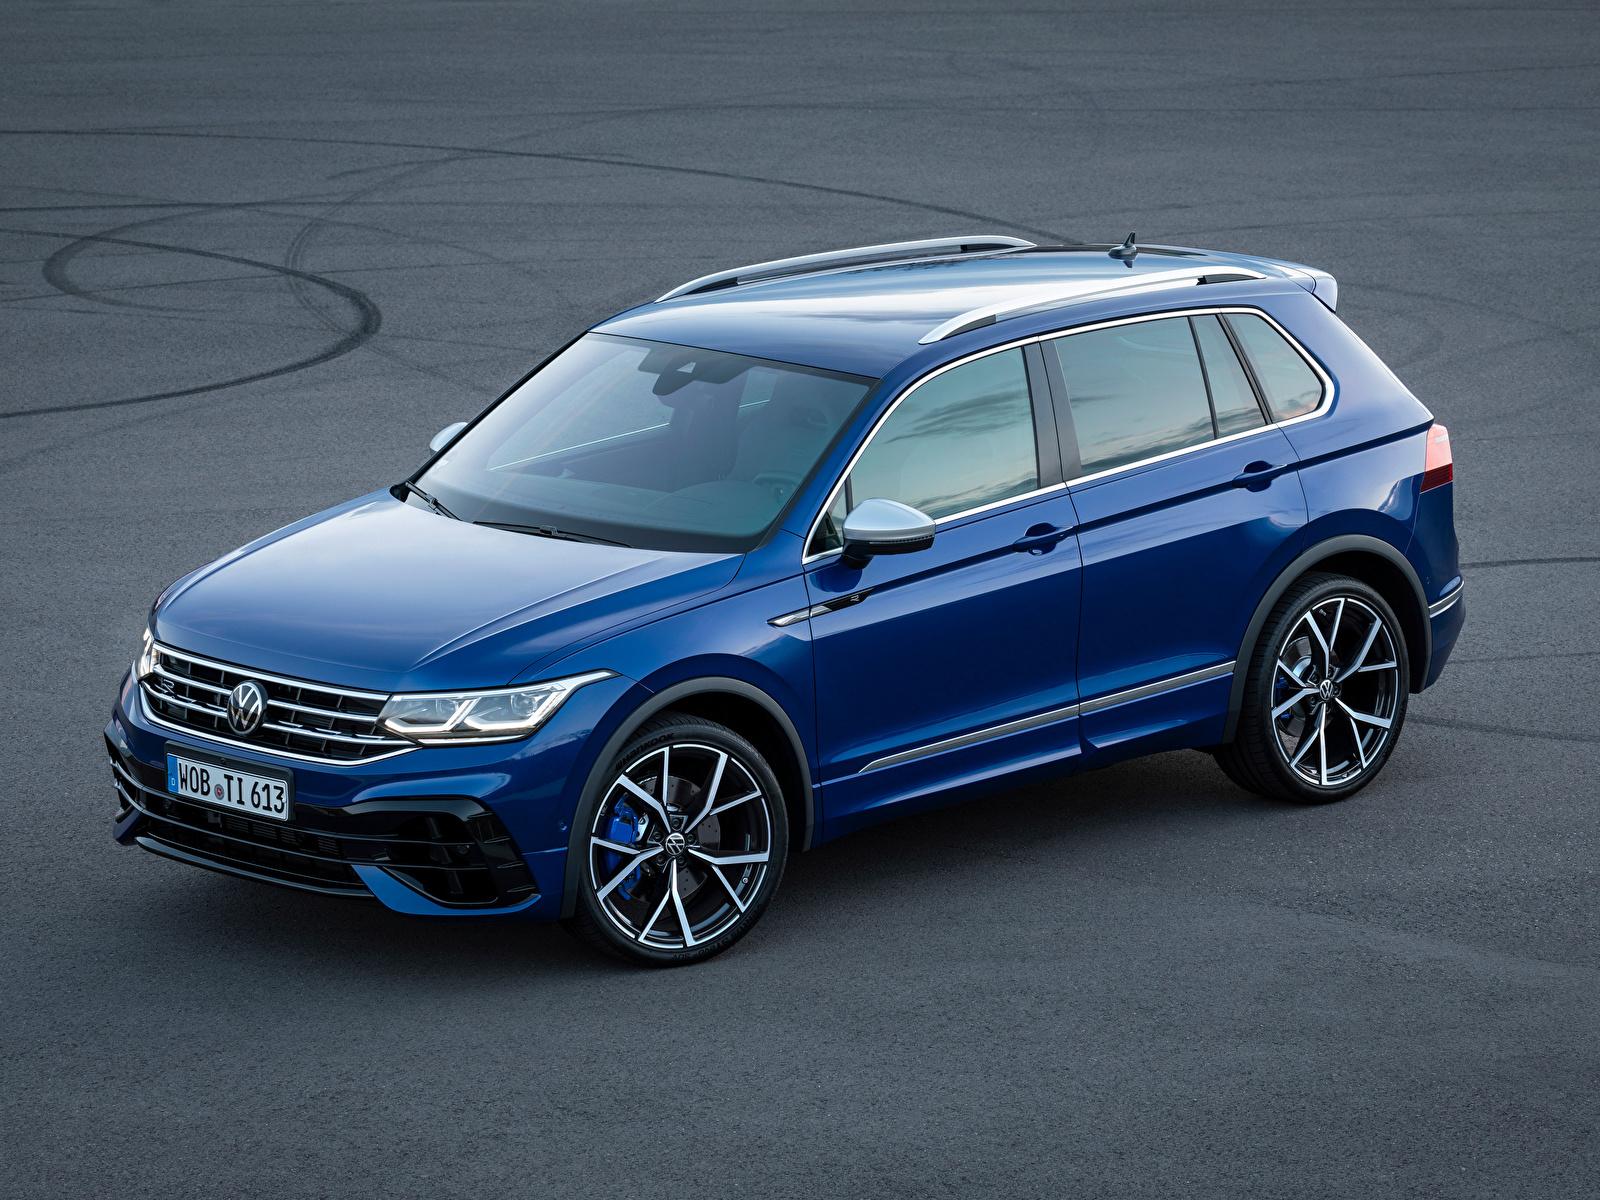 Fotos von Volkswagen Tiguan R, 2020 Blau Autos Metallisch 1600x1200 auto automobil